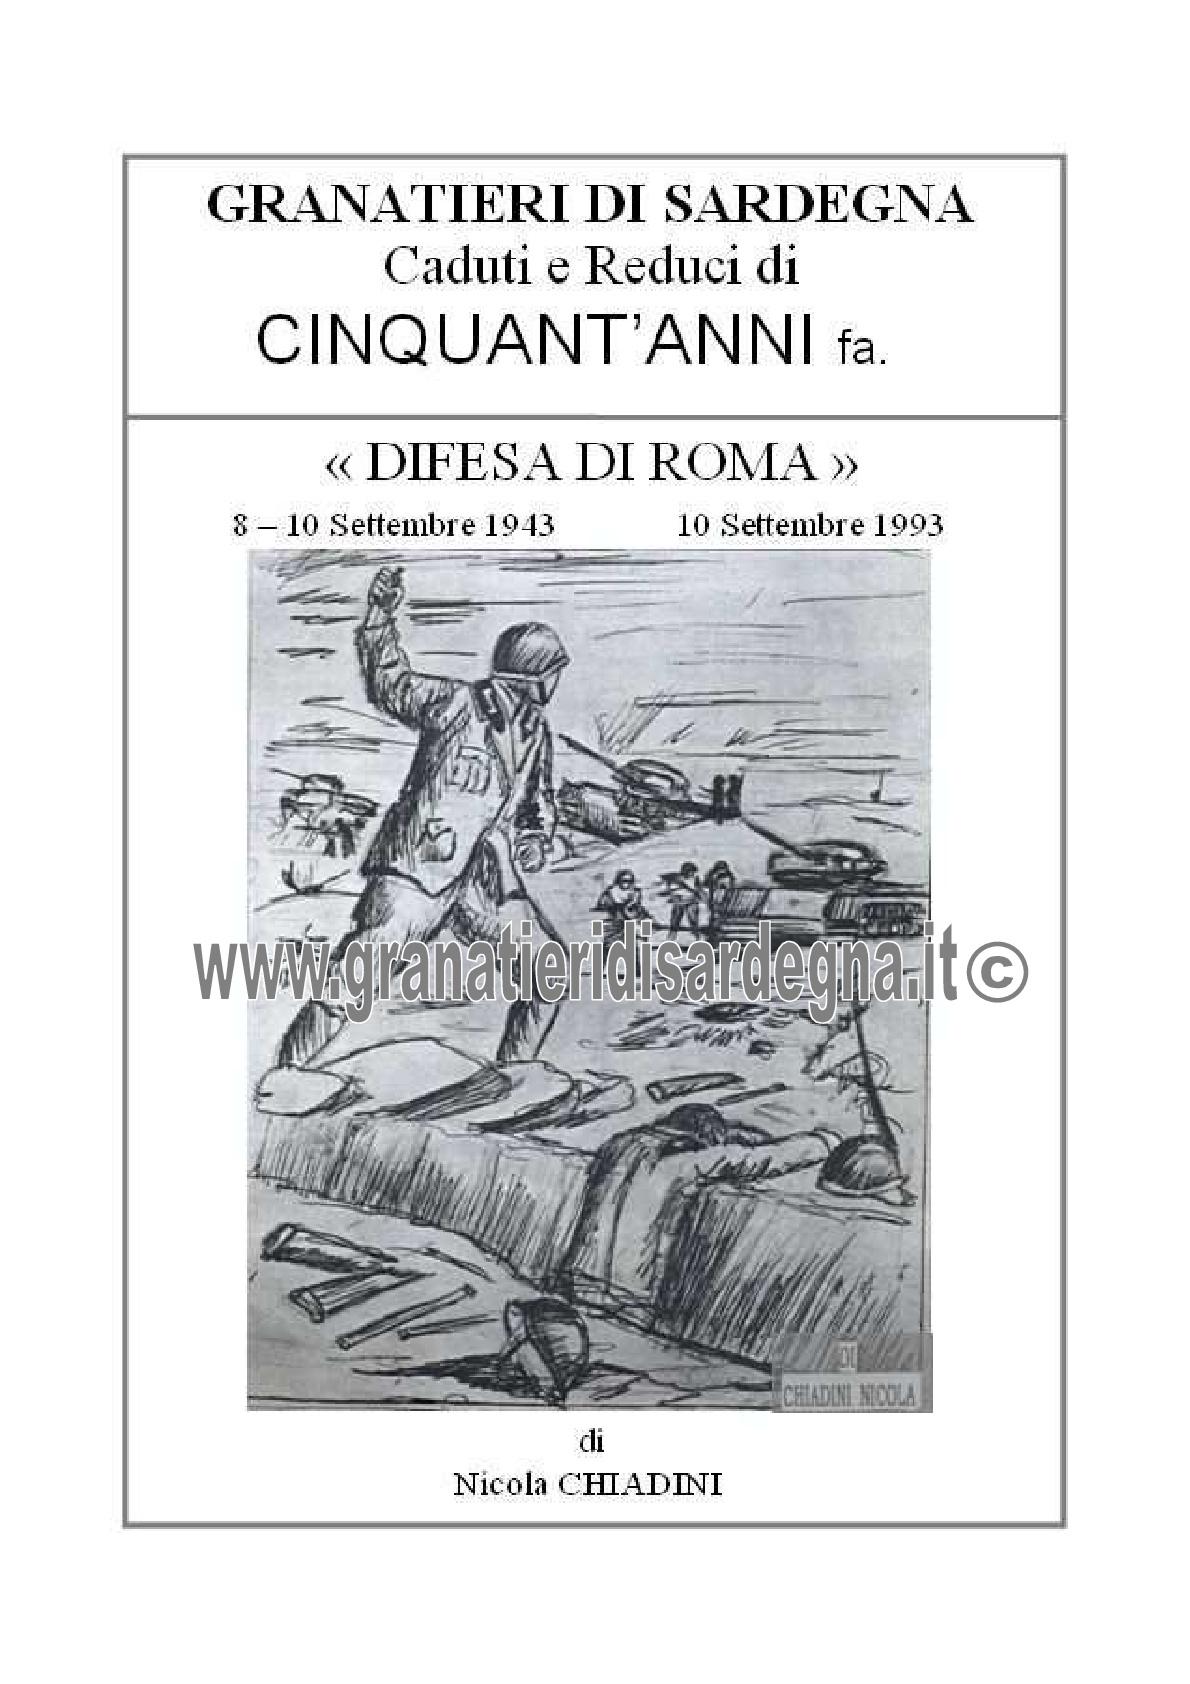 50 anni fa Difesa di Roma